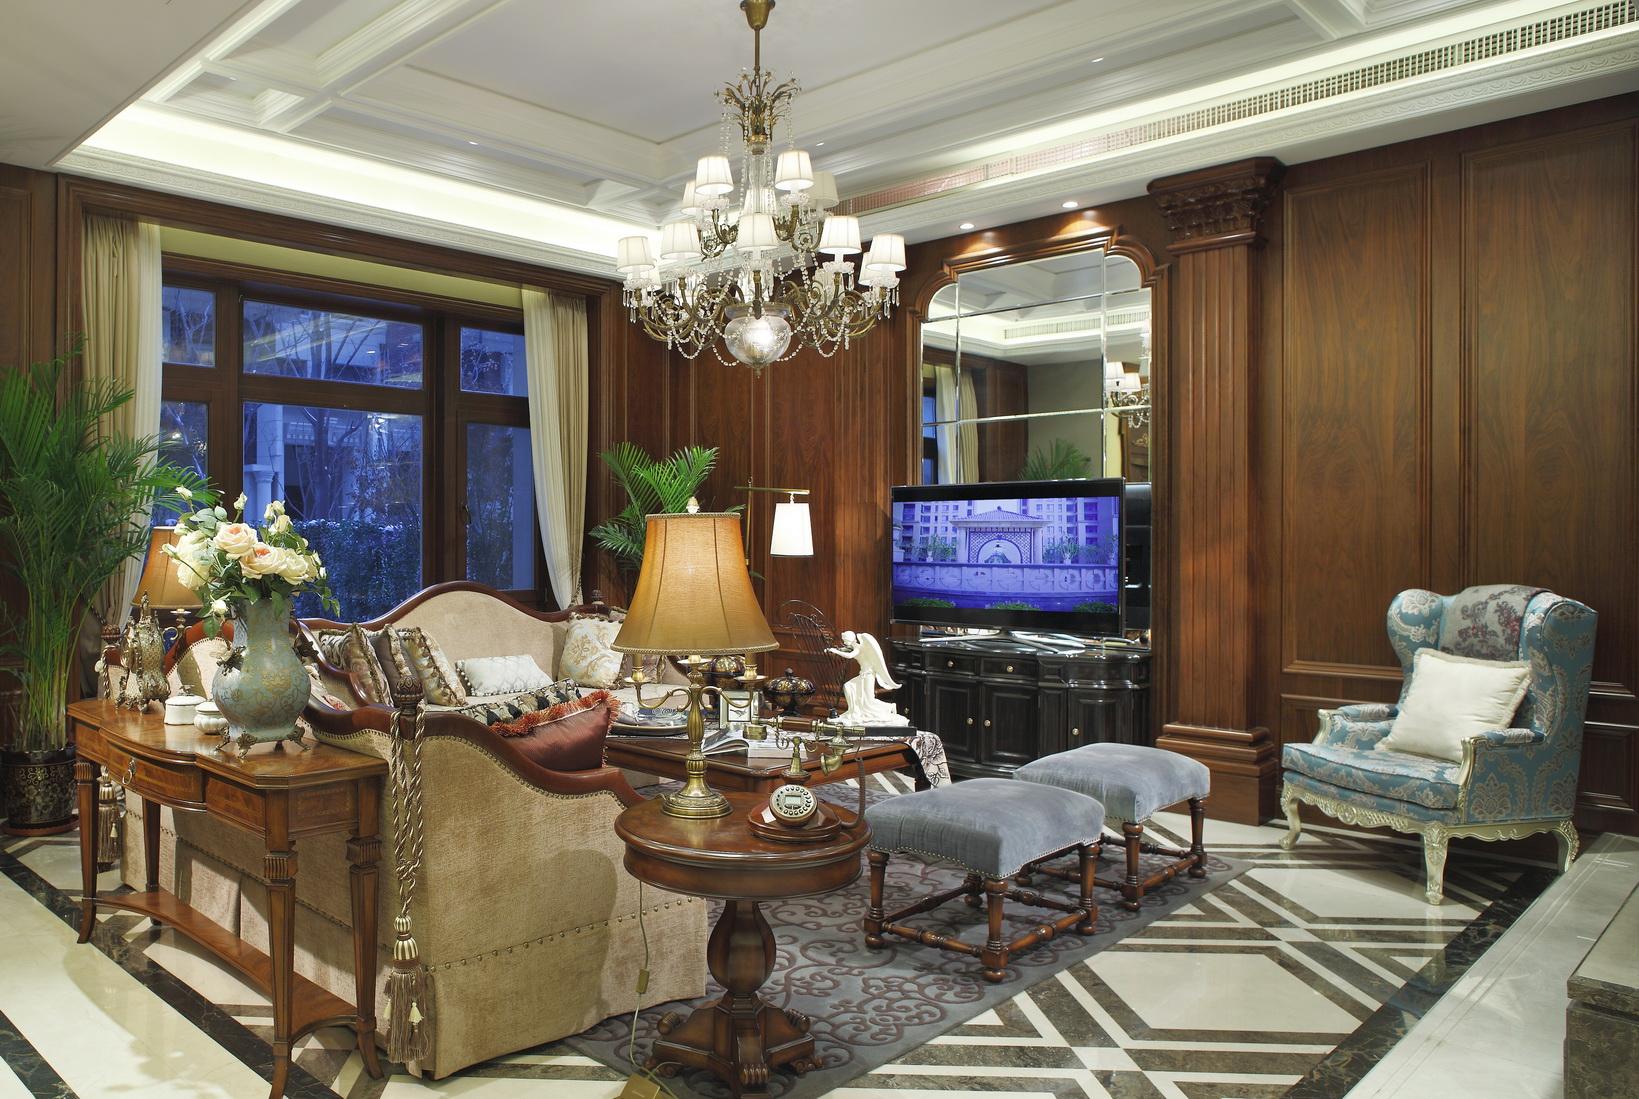 别墅装修 别墅设计 别墅 美式风格 客厅图片来自北京高度国际在美式豪华别墅设计的分享